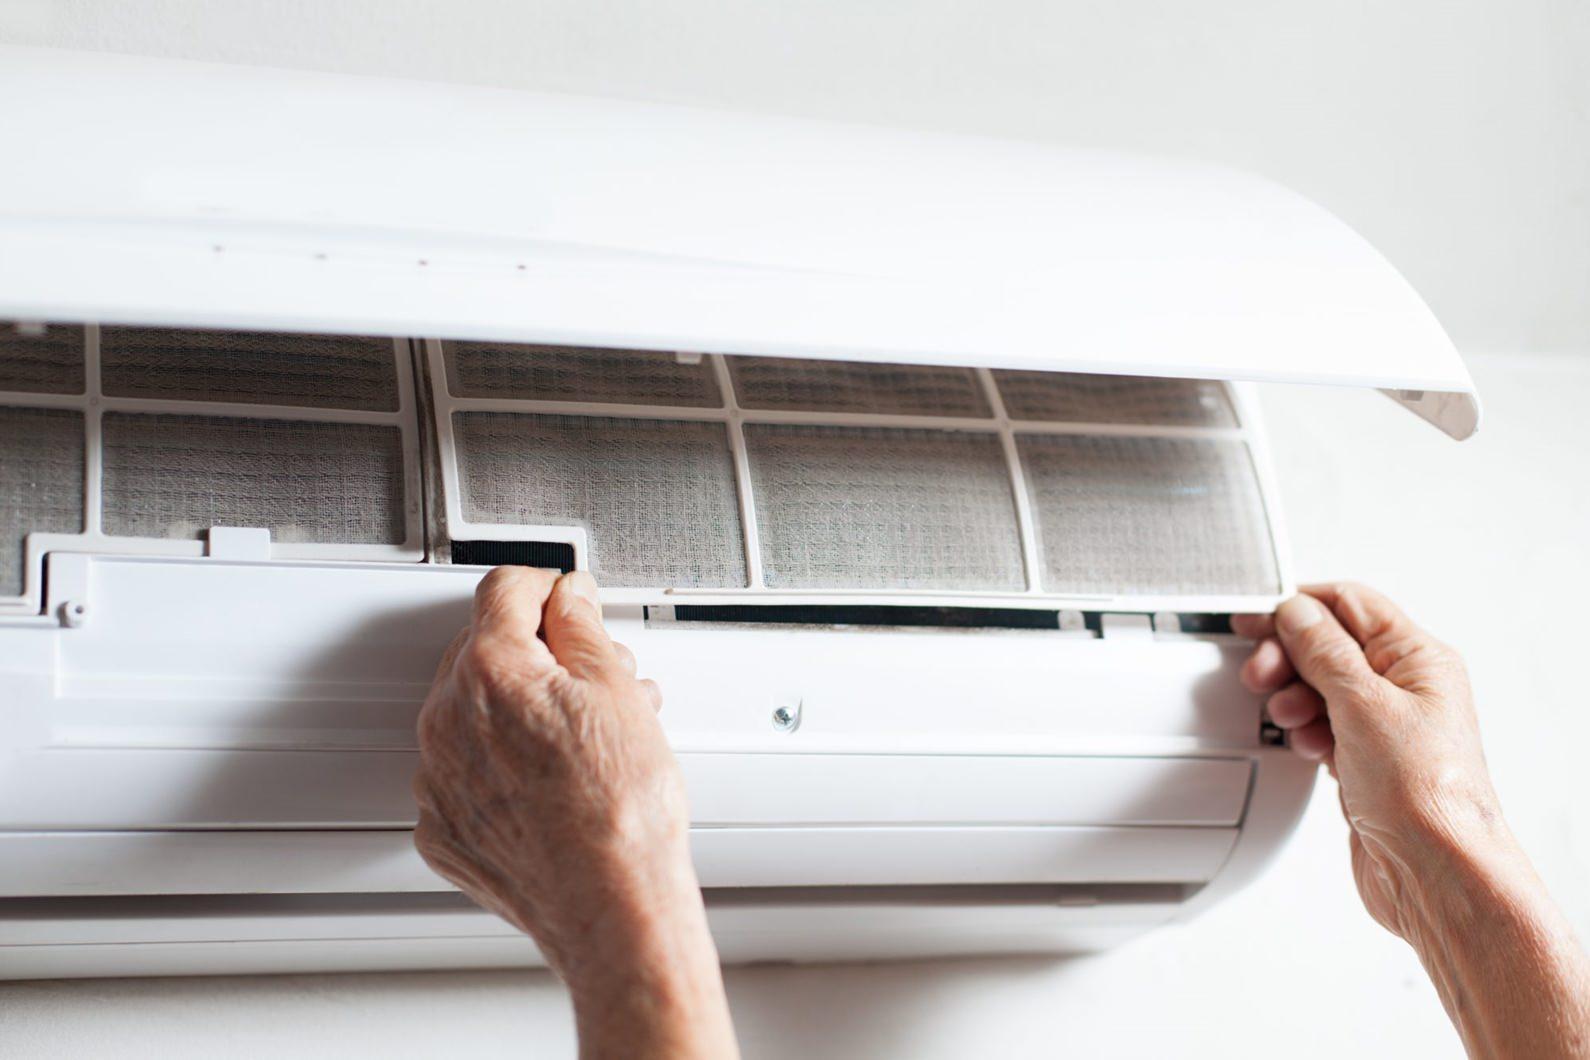 Limpando o ar condicionado